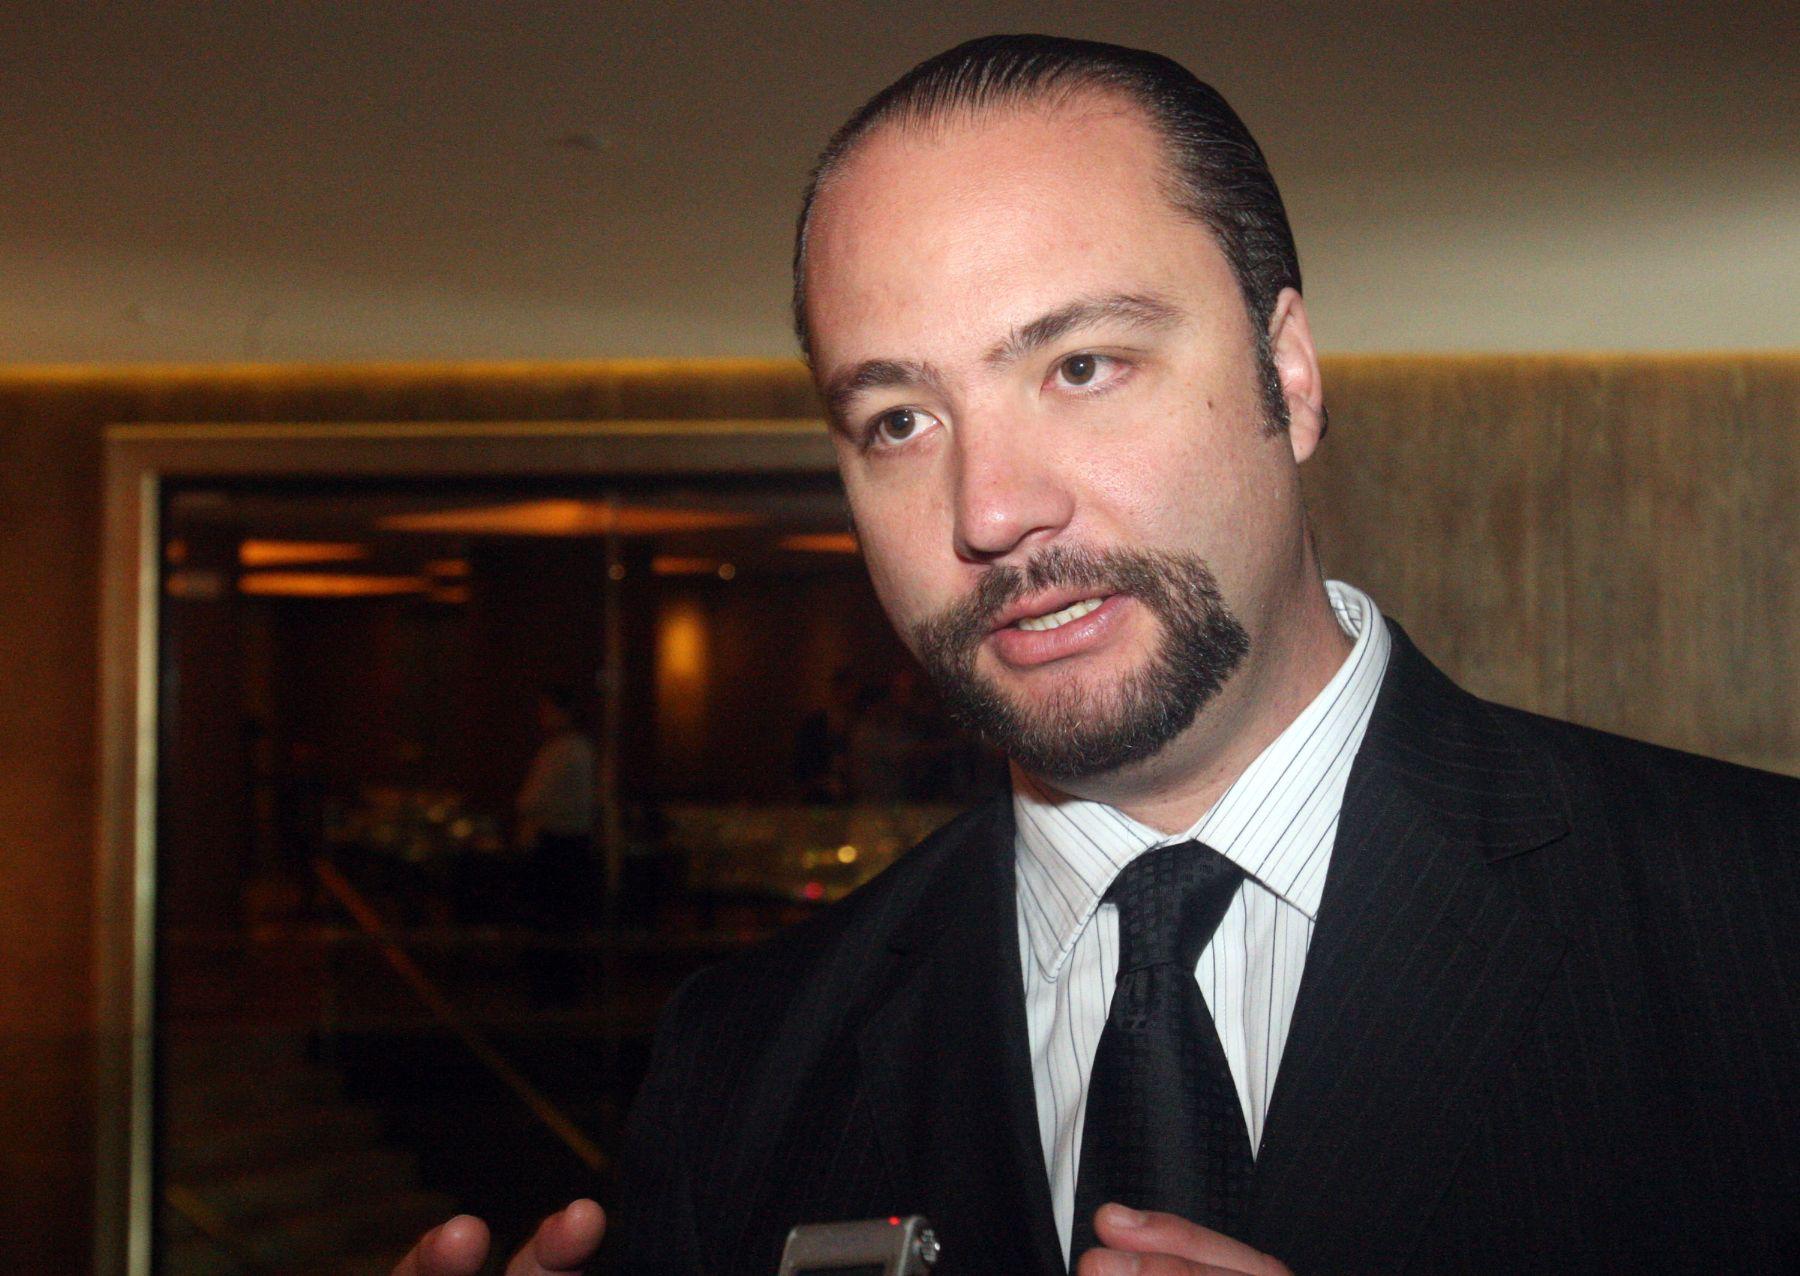 Director ejecutivo del Instituto de Comercio Exterior de la Cámara de Comercio de Lima, Carlos Posada. ANDINA/Héctor Vinces